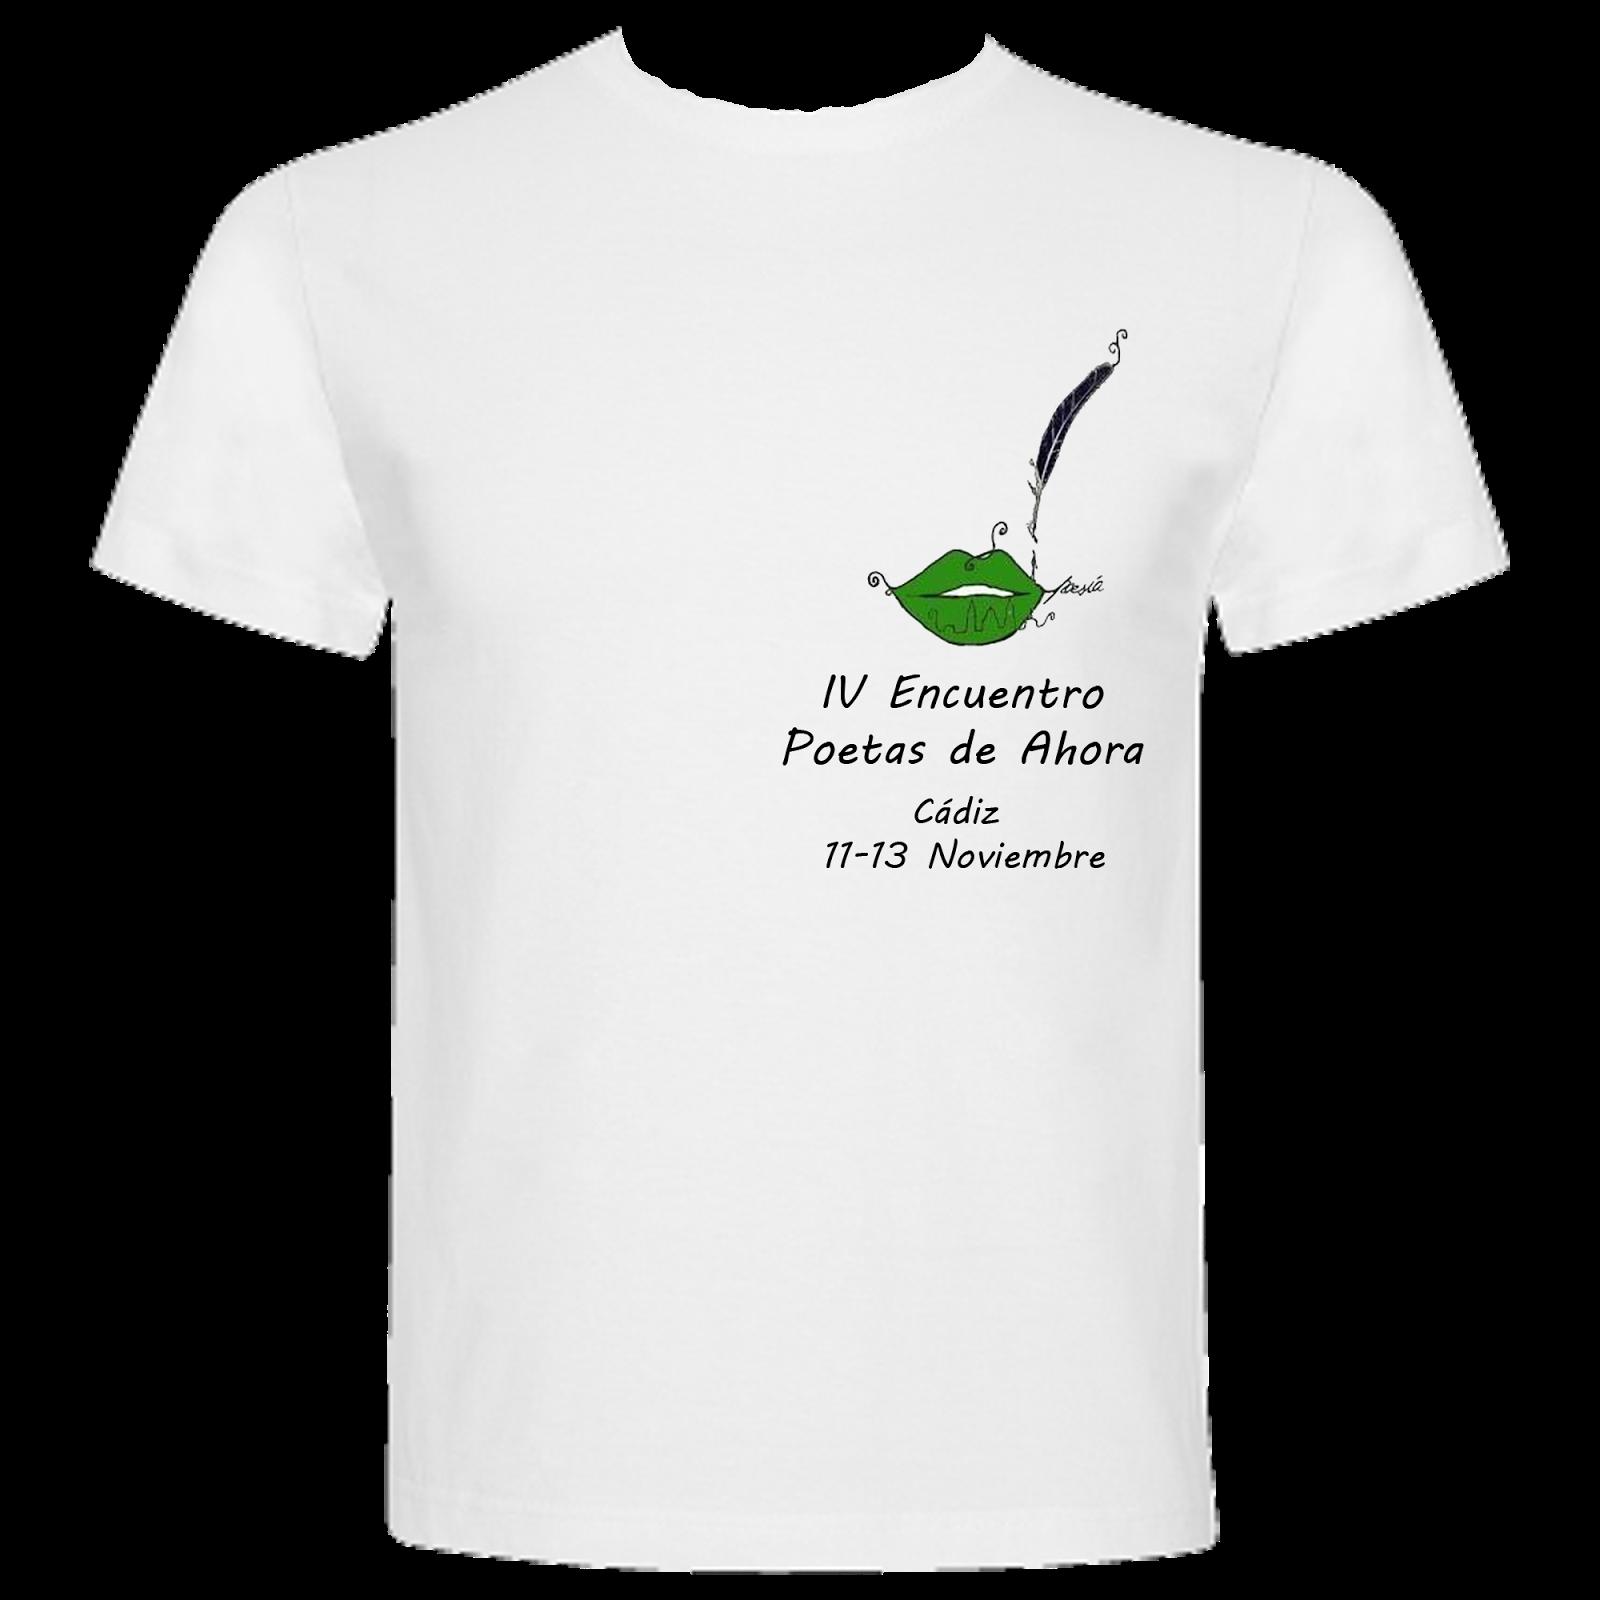 Camiseta recuerdo del IV Encuentro